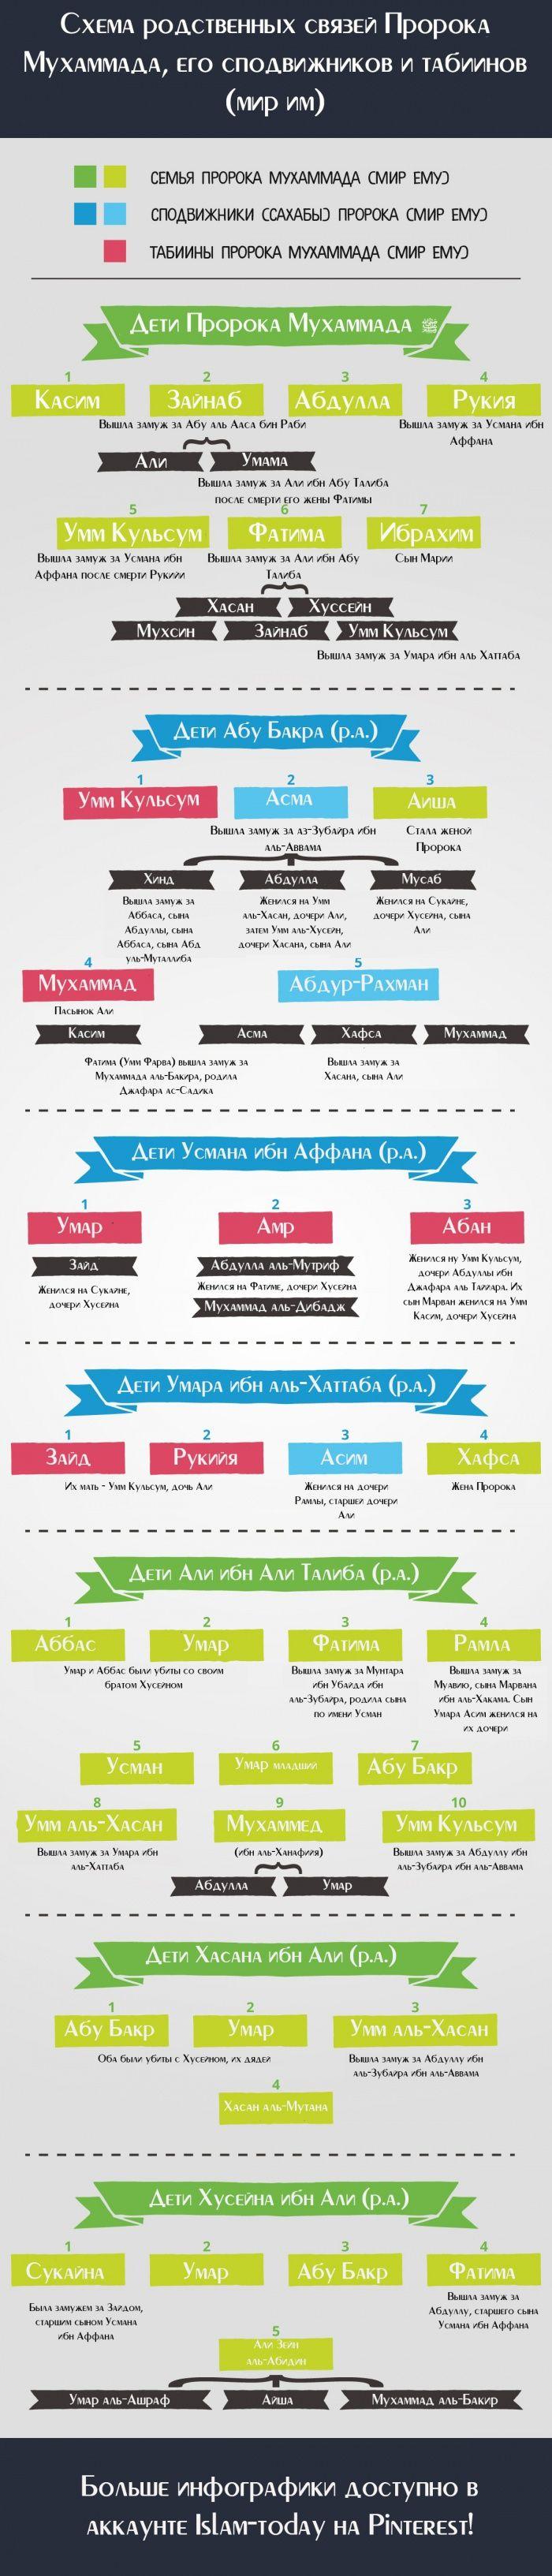 Полная схема родственных связей Пророка (ﷺ)  и его сподвижников